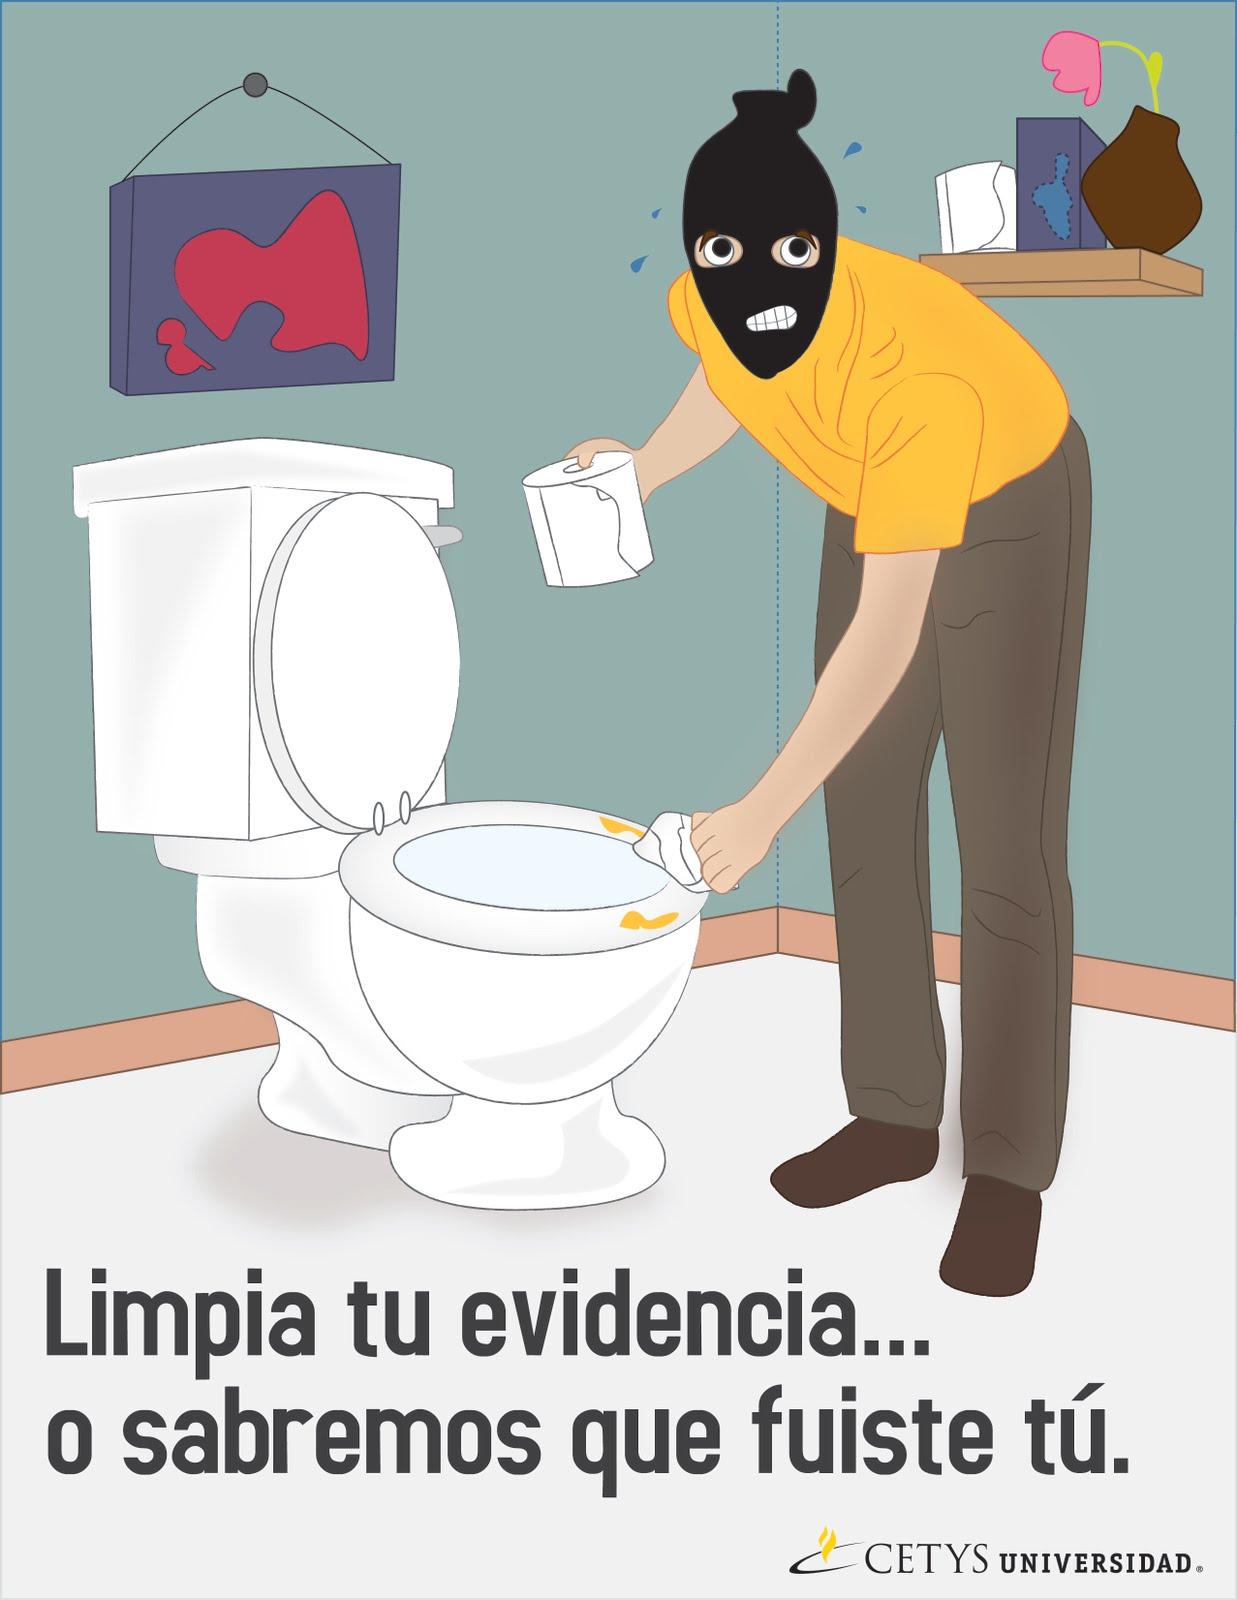 Imagenes De Limpieza Baño:Letreros Para Mantener Limpio El Bano